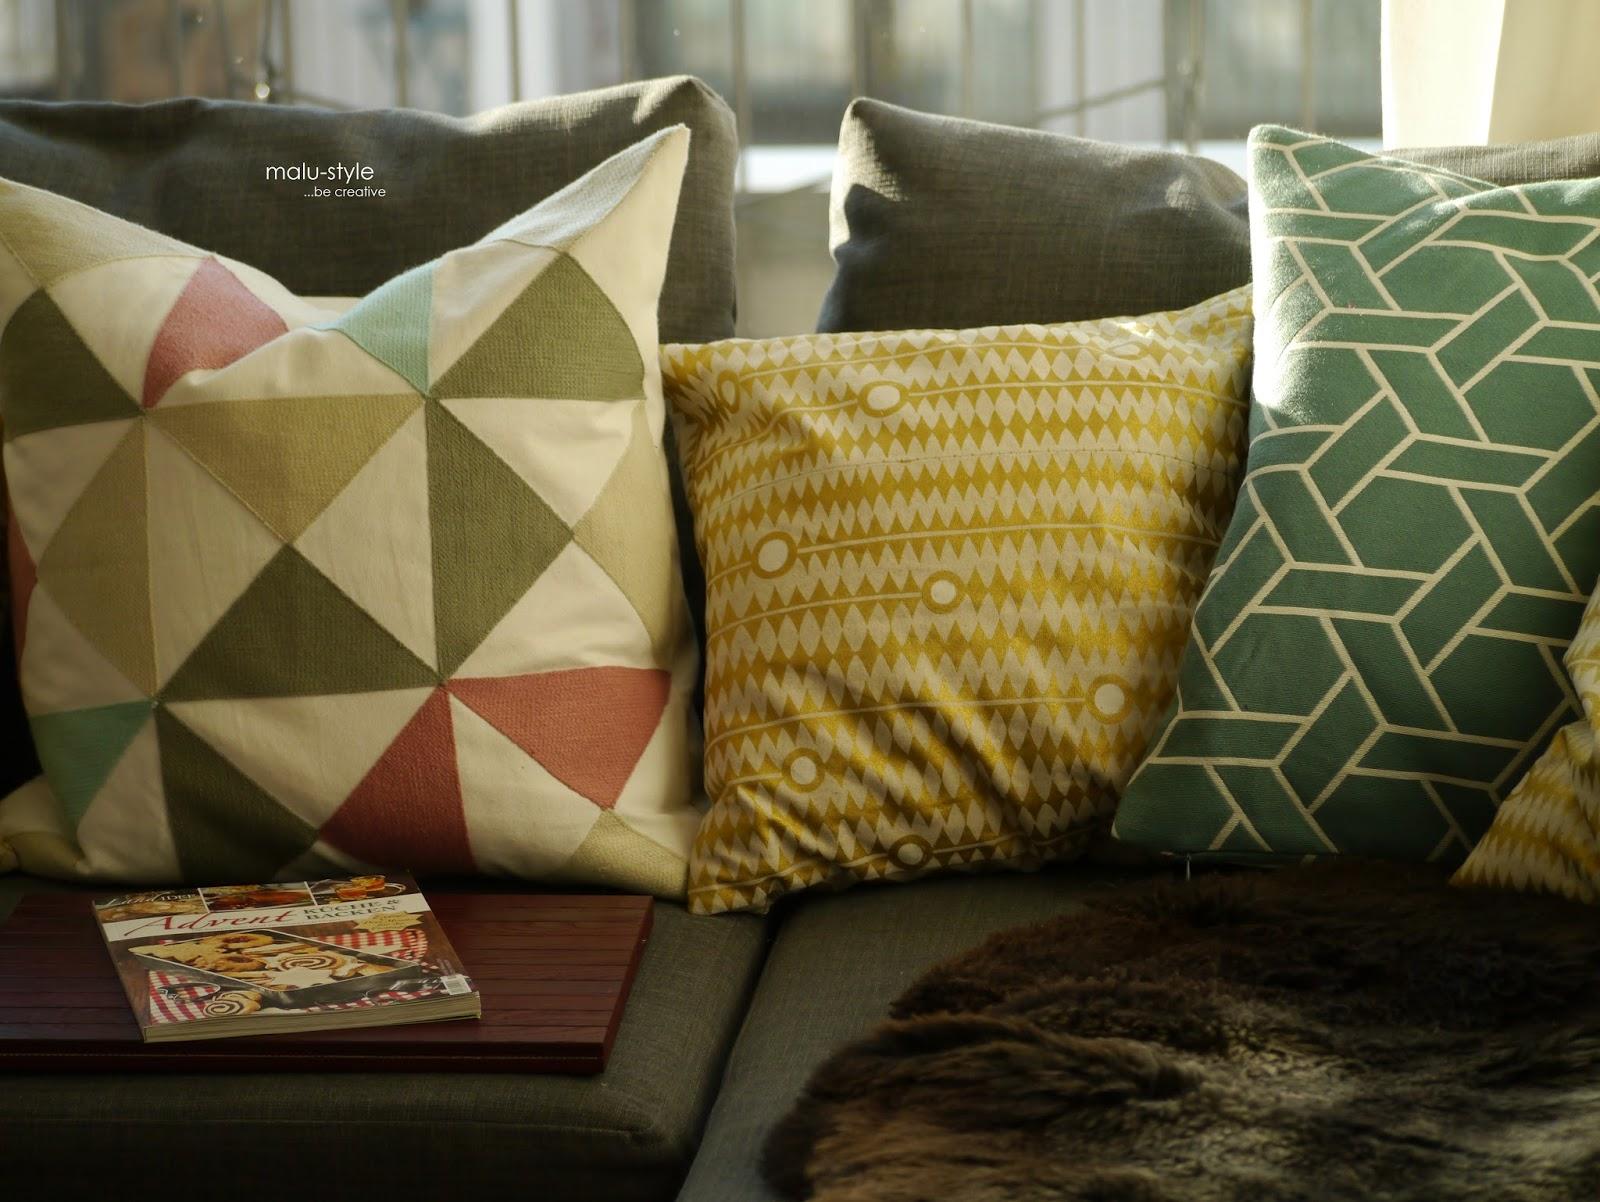 erste eigene wohnung geschenk rz74 takasytuacja. Black Bedroom Furniture Sets. Home Design Ideas